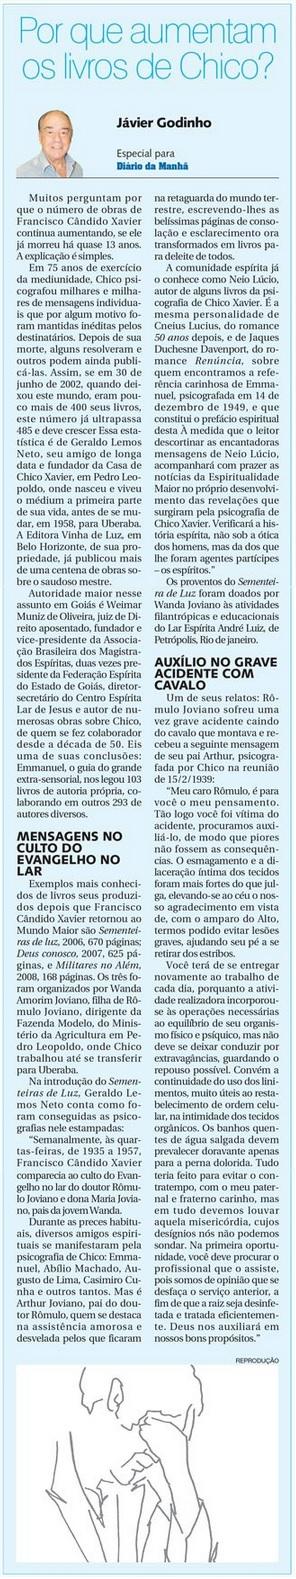 DM 21-01-2015 - Por que aumentam os livros de Chico - Jávier Godinho